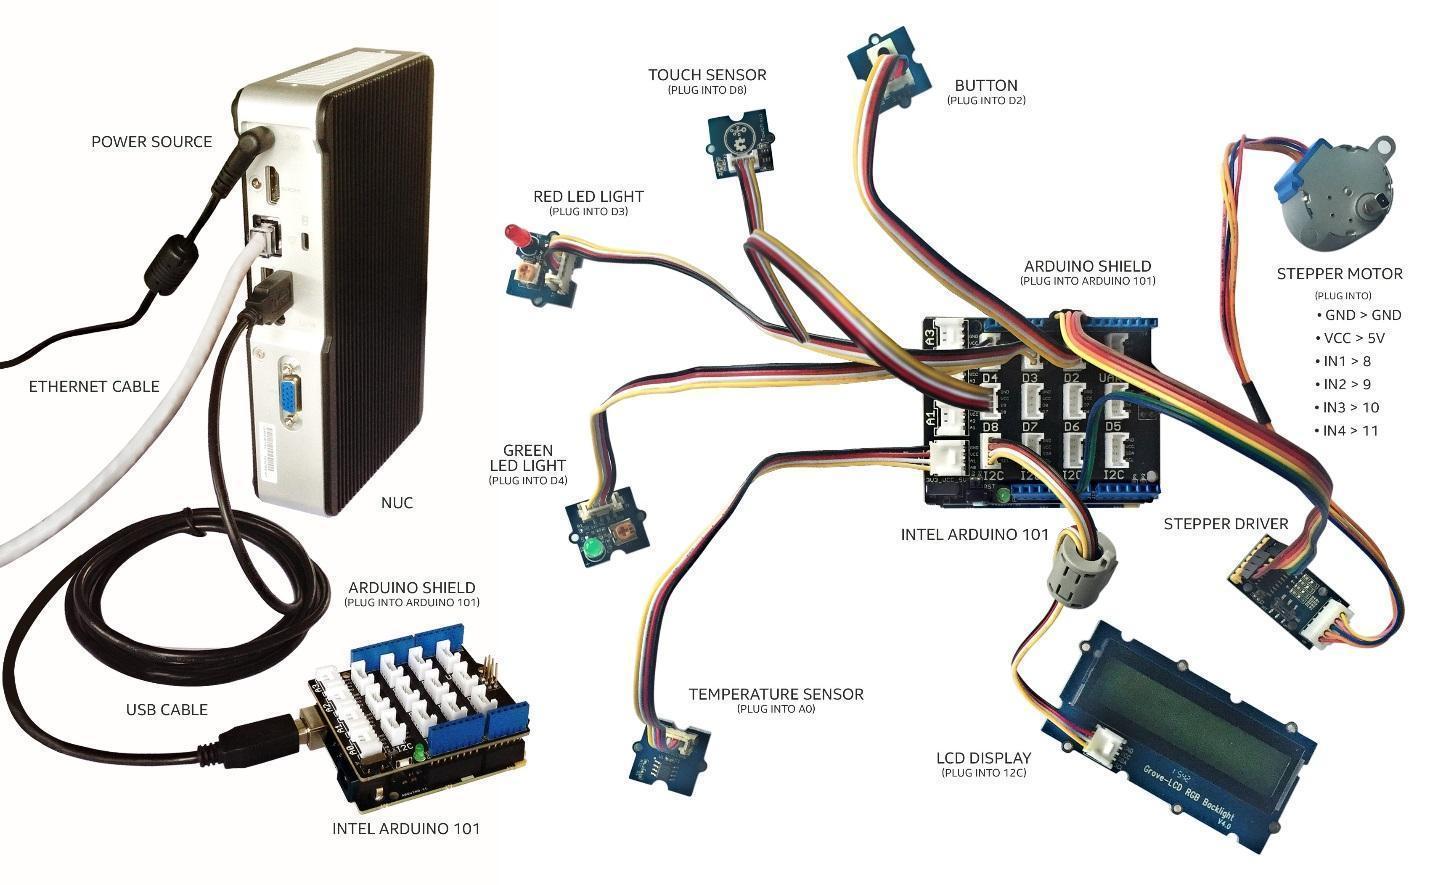 IoT в вендинговом бизнесе: интеллектуальный торговый автомат - 5